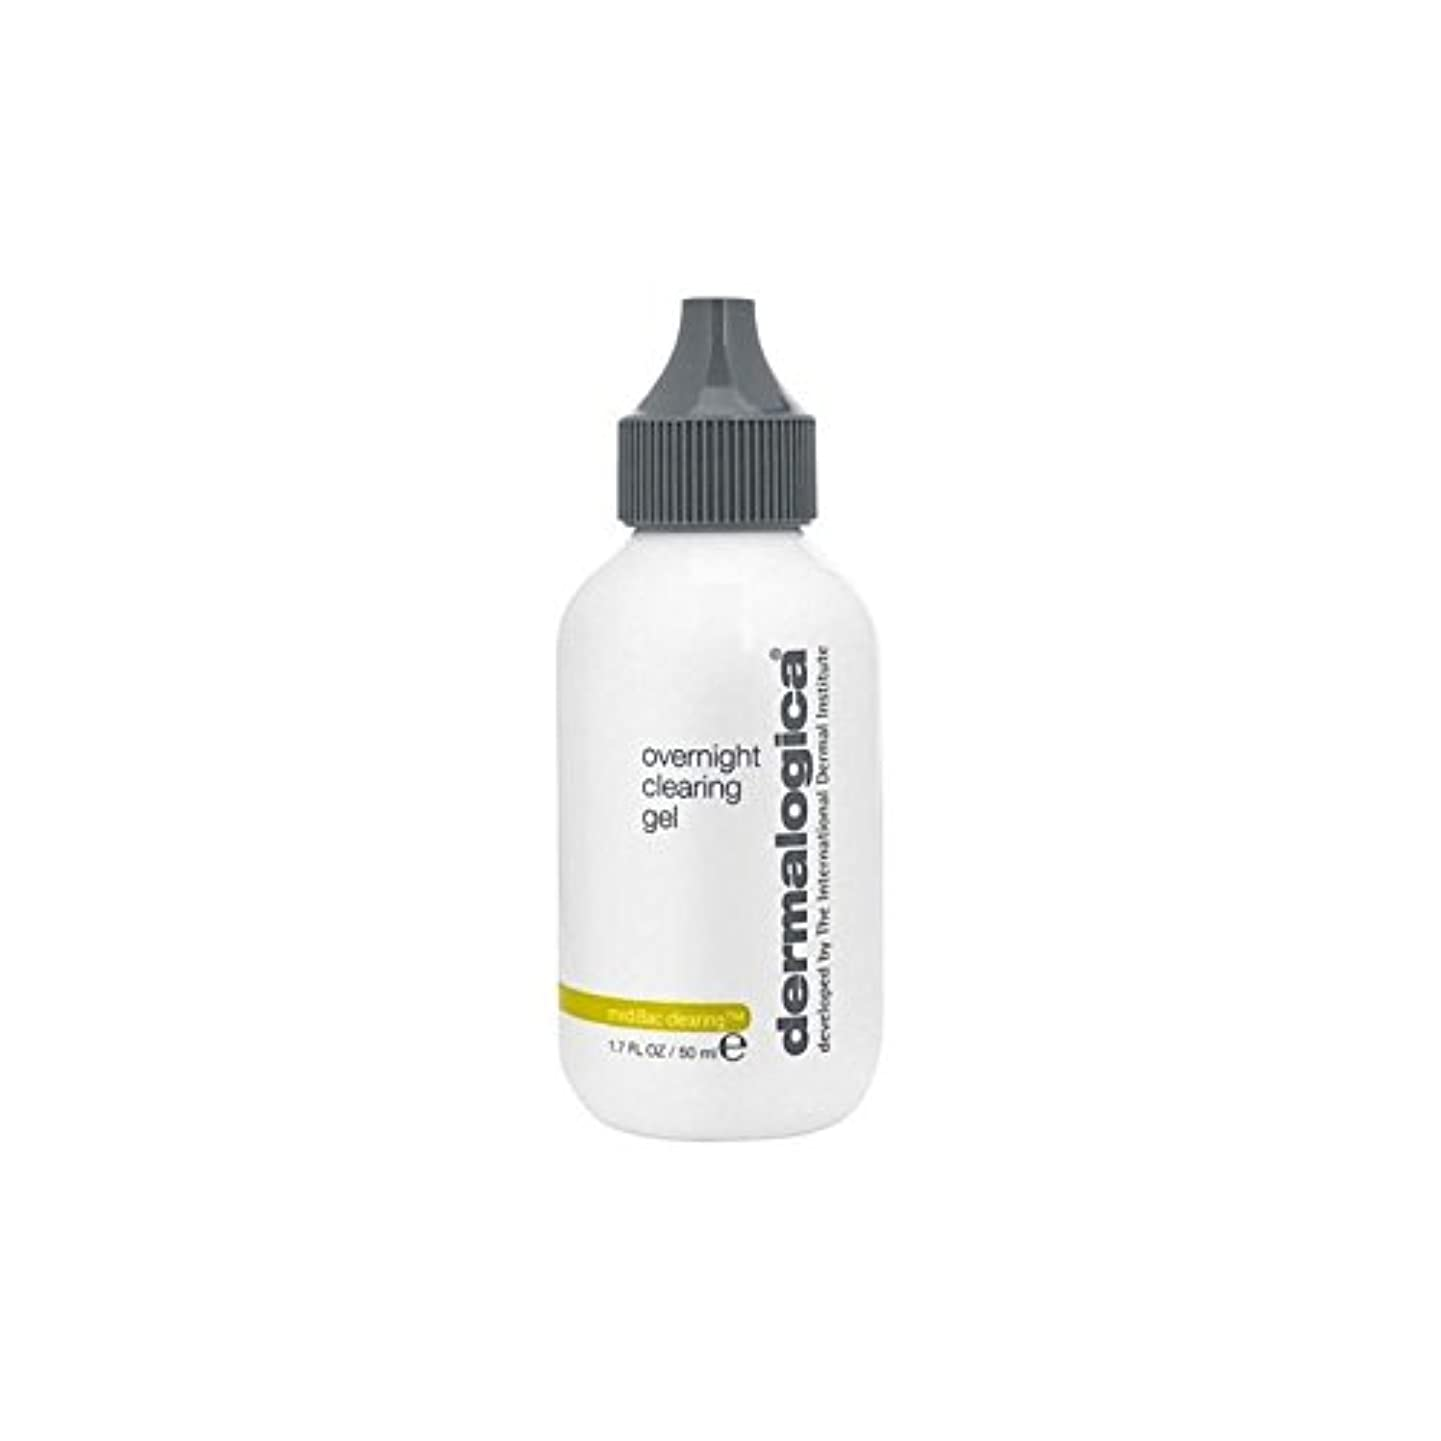 変形する遮る通貨ダーマロジカ一晩透明ゲル(50)中 x4 - Dermalogica Medibac Overnight Clearing Gel (50ml) (Pack of 4) [並行輸入品]